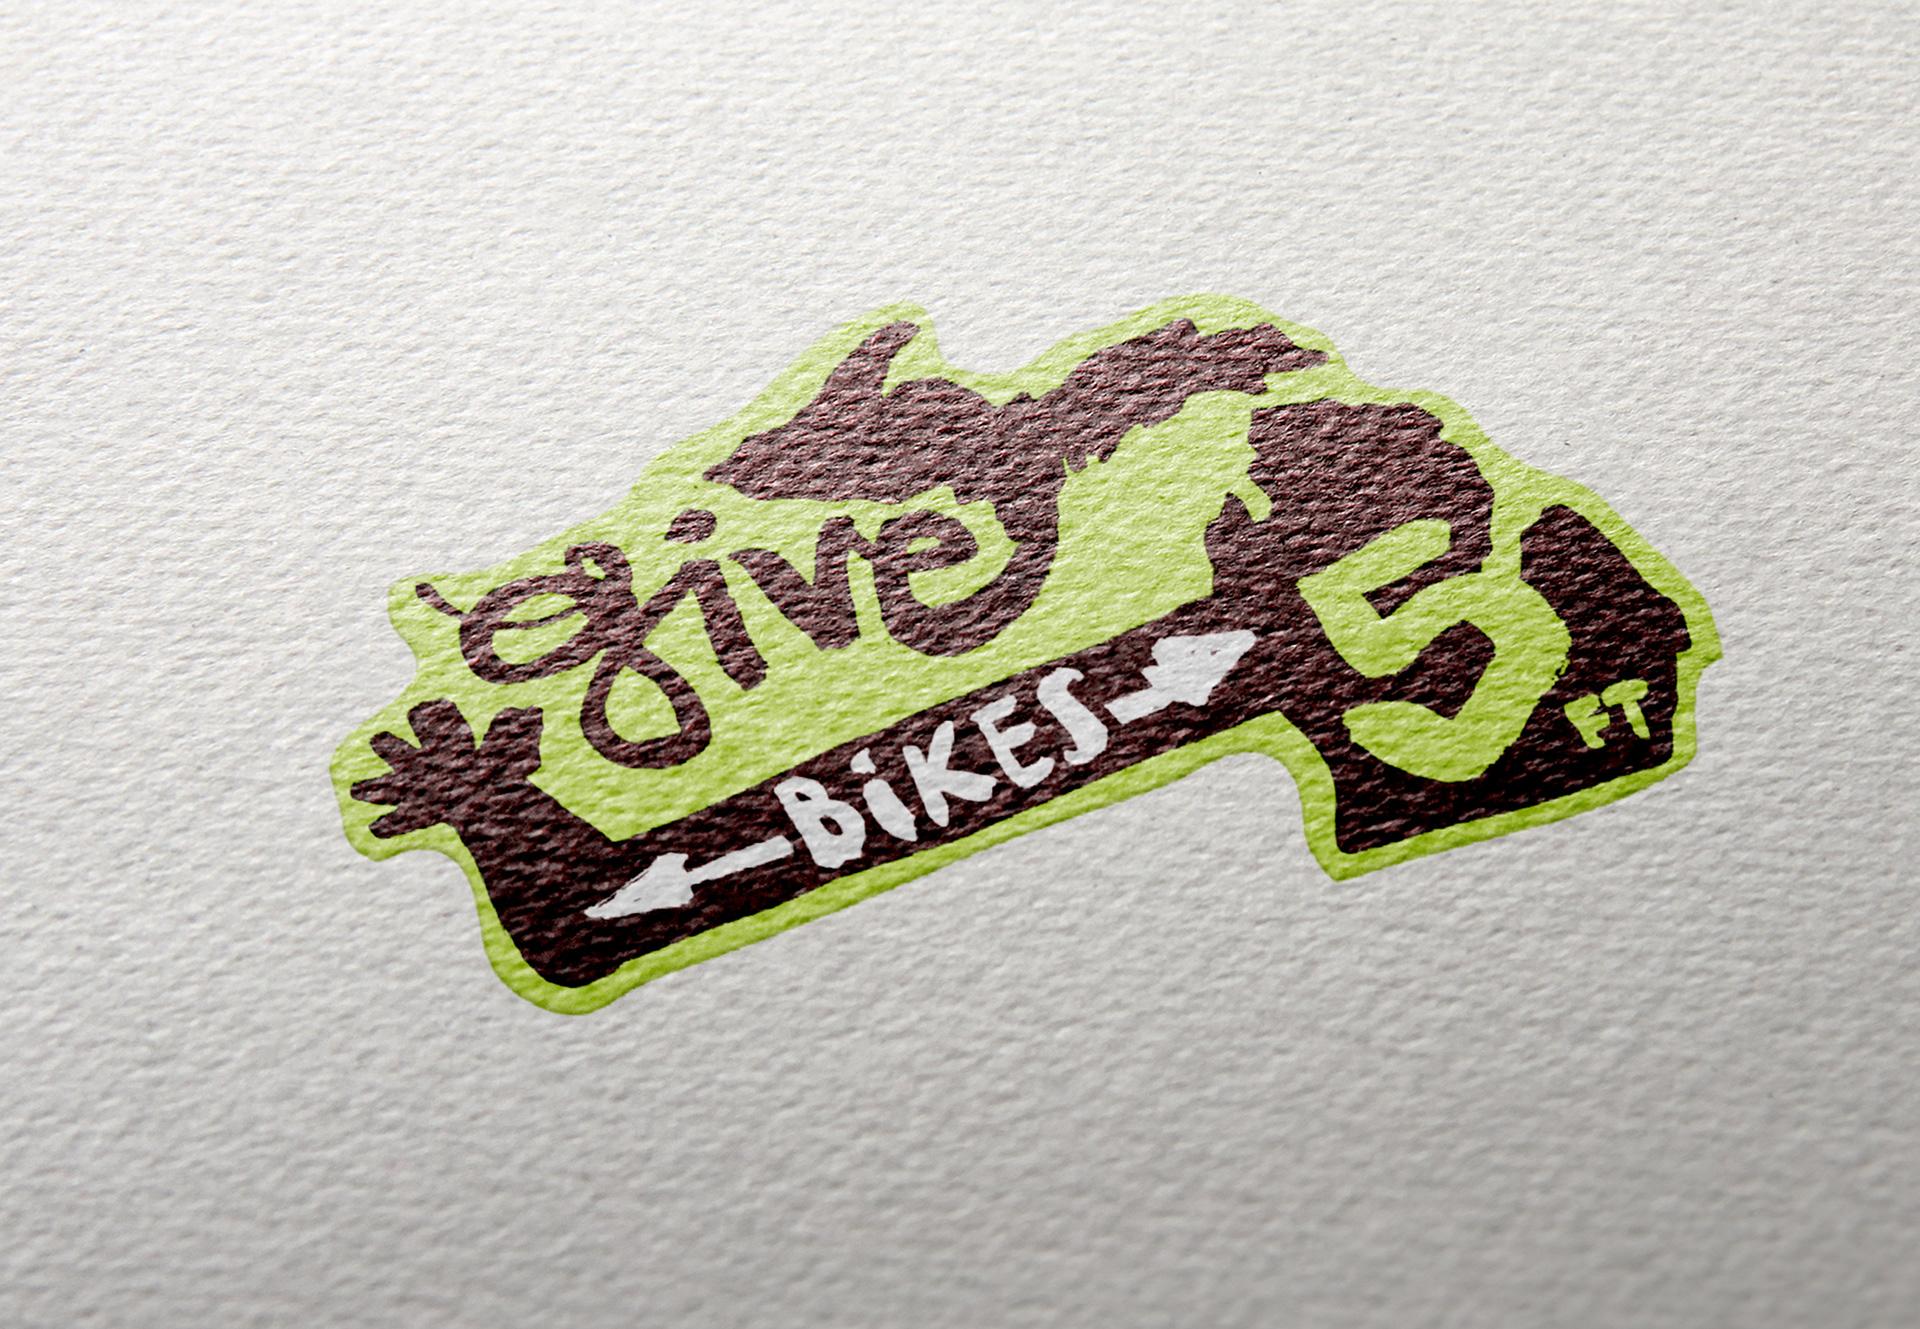 Give Bikes 5 Feet